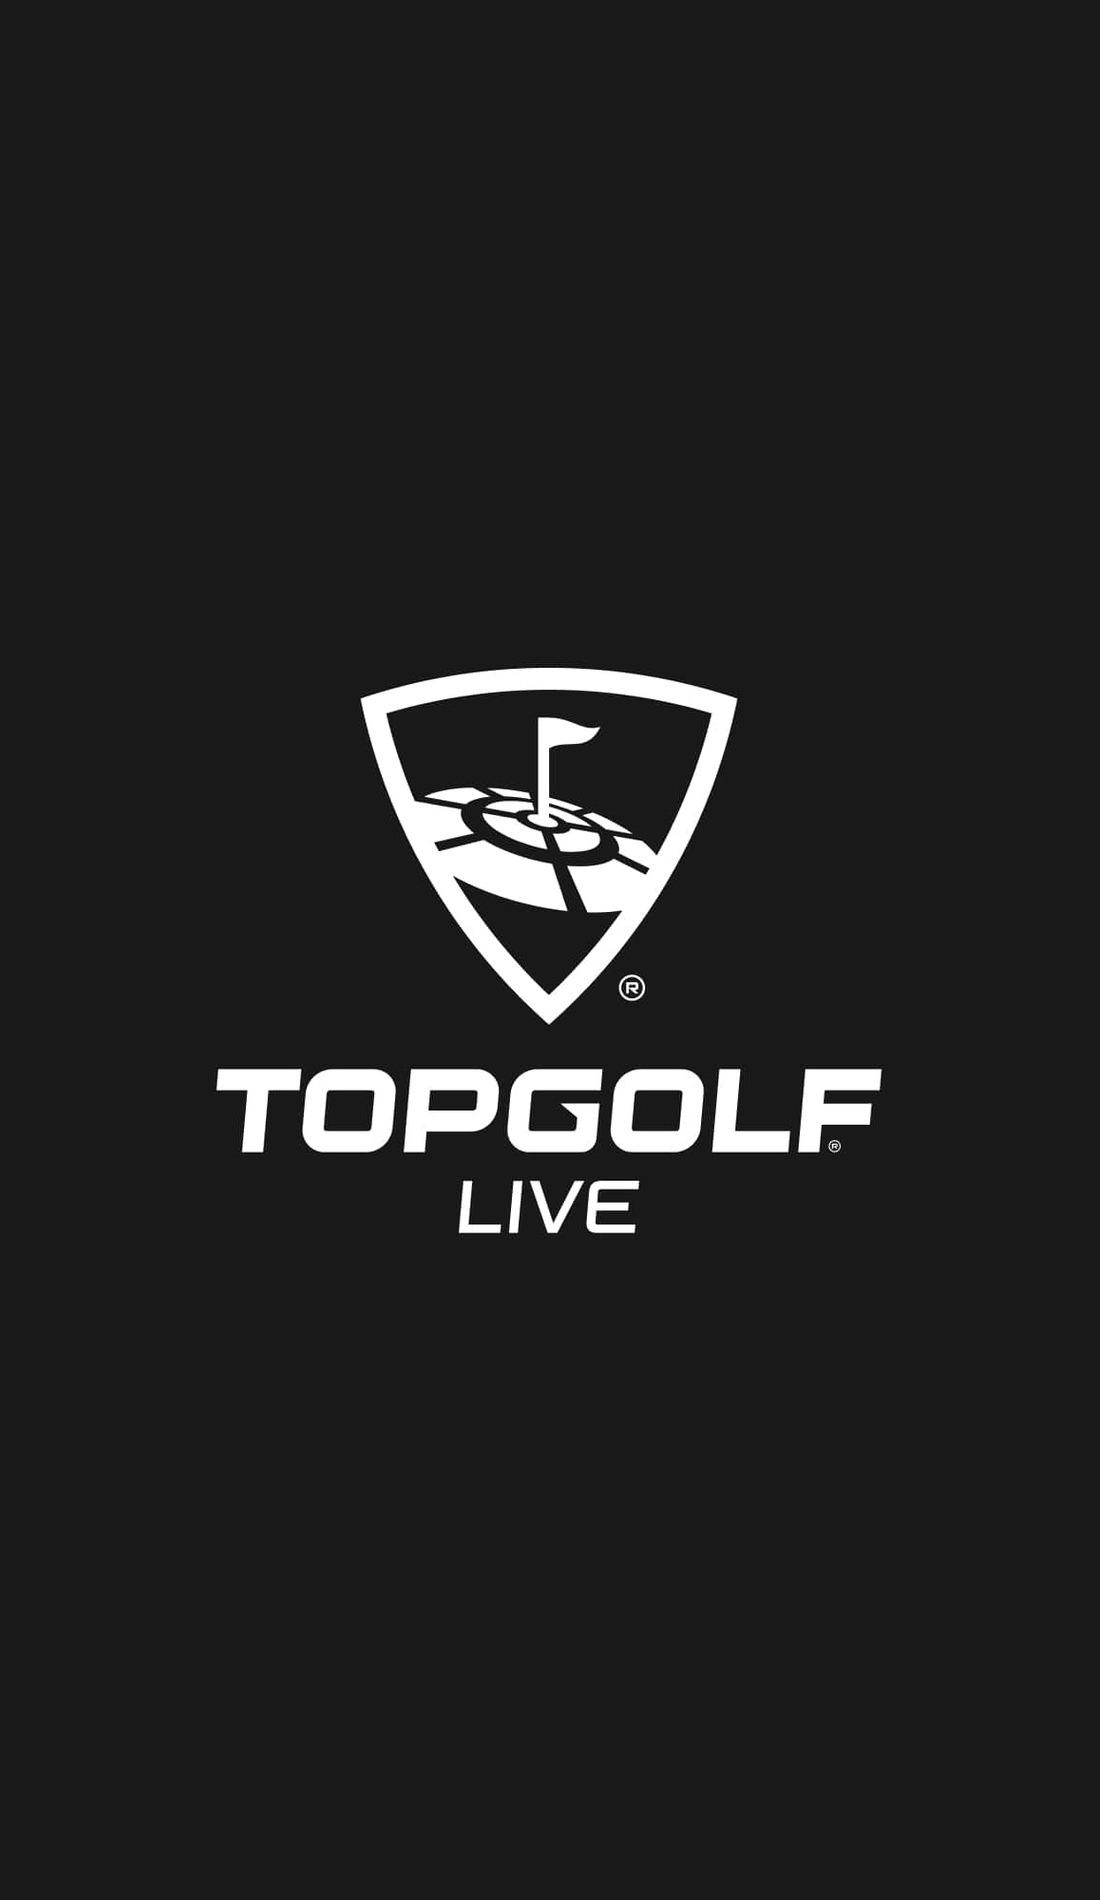 A Topgolf Live live event